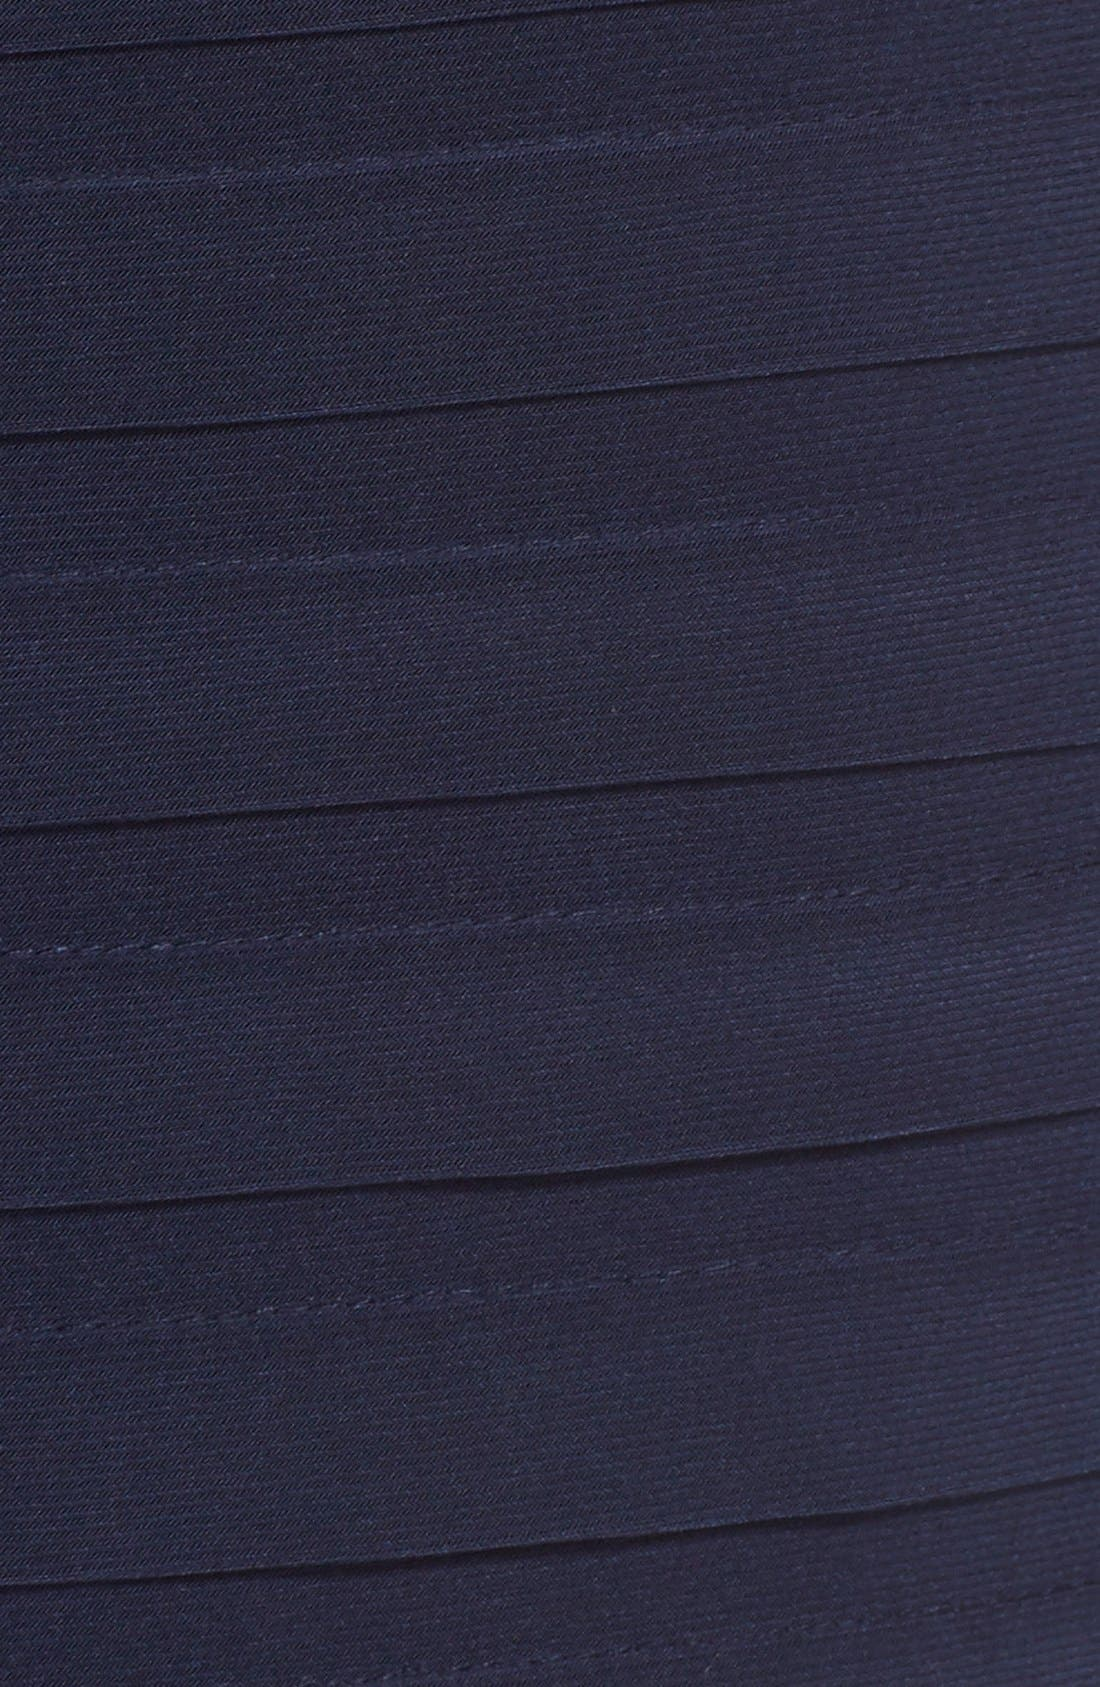 Chiffon & Jersey Sheath Dress,                             Alternate thumbnail 12, color,                             408